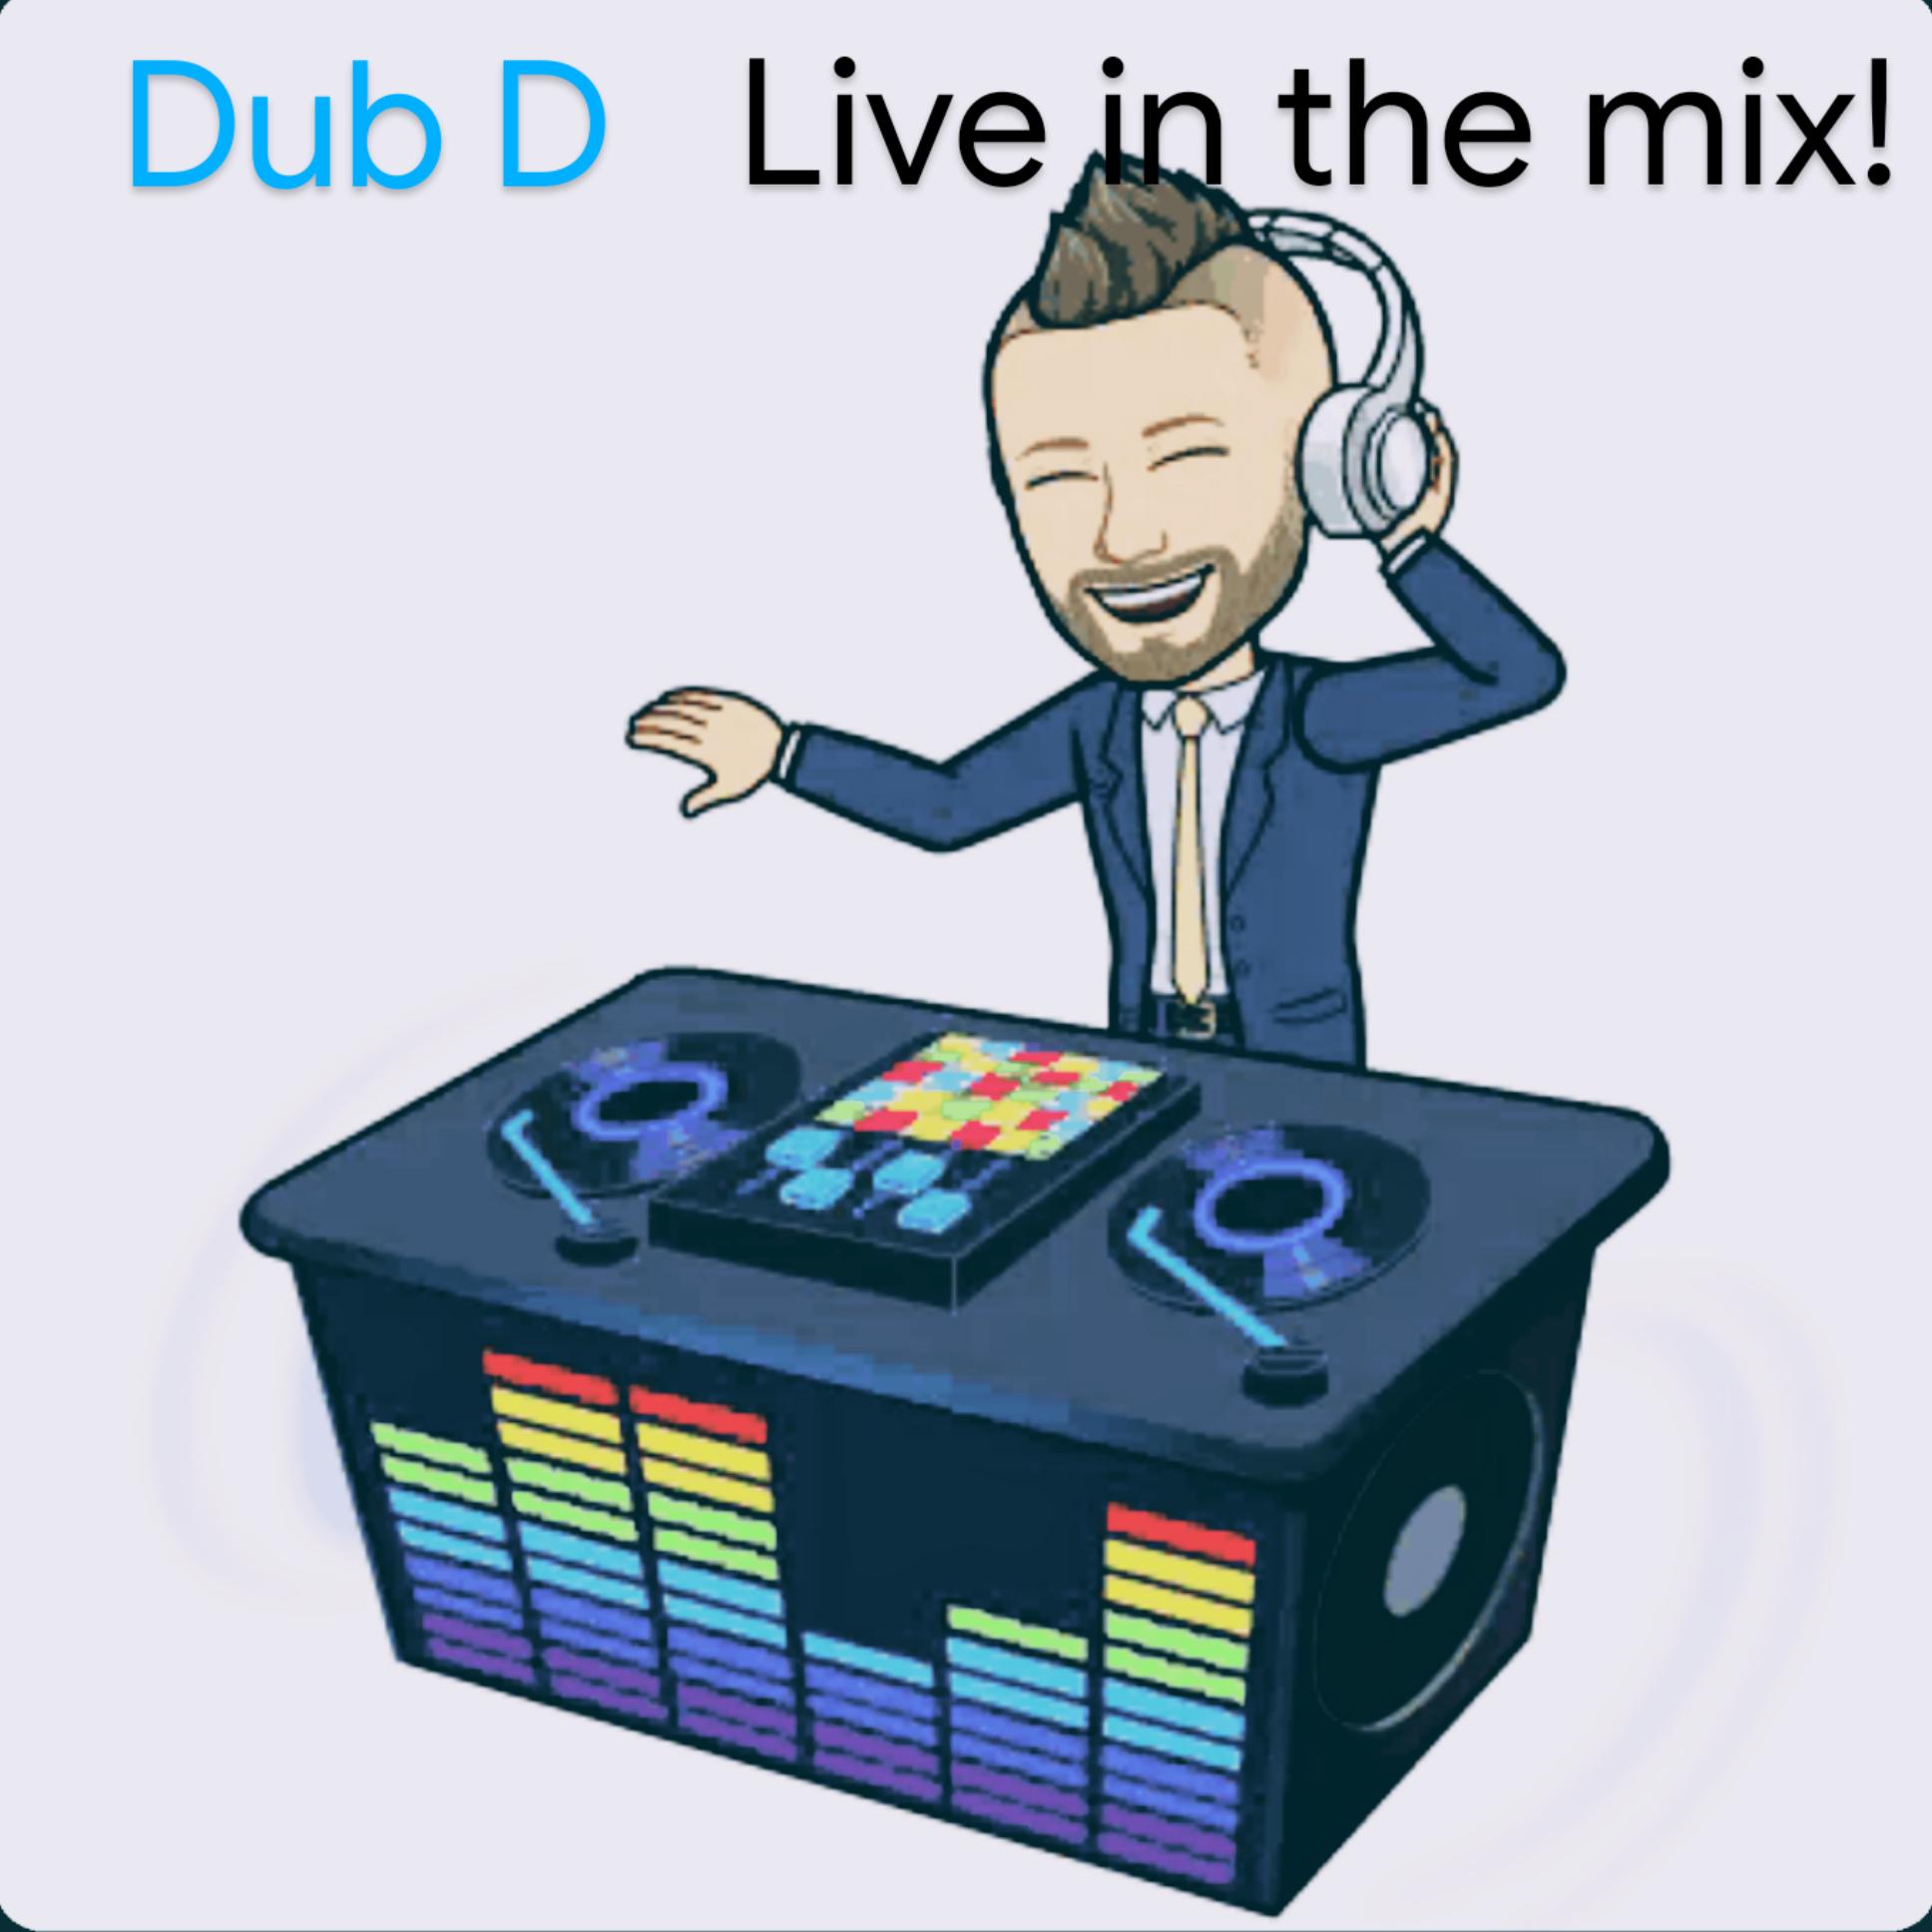 Dub D Live